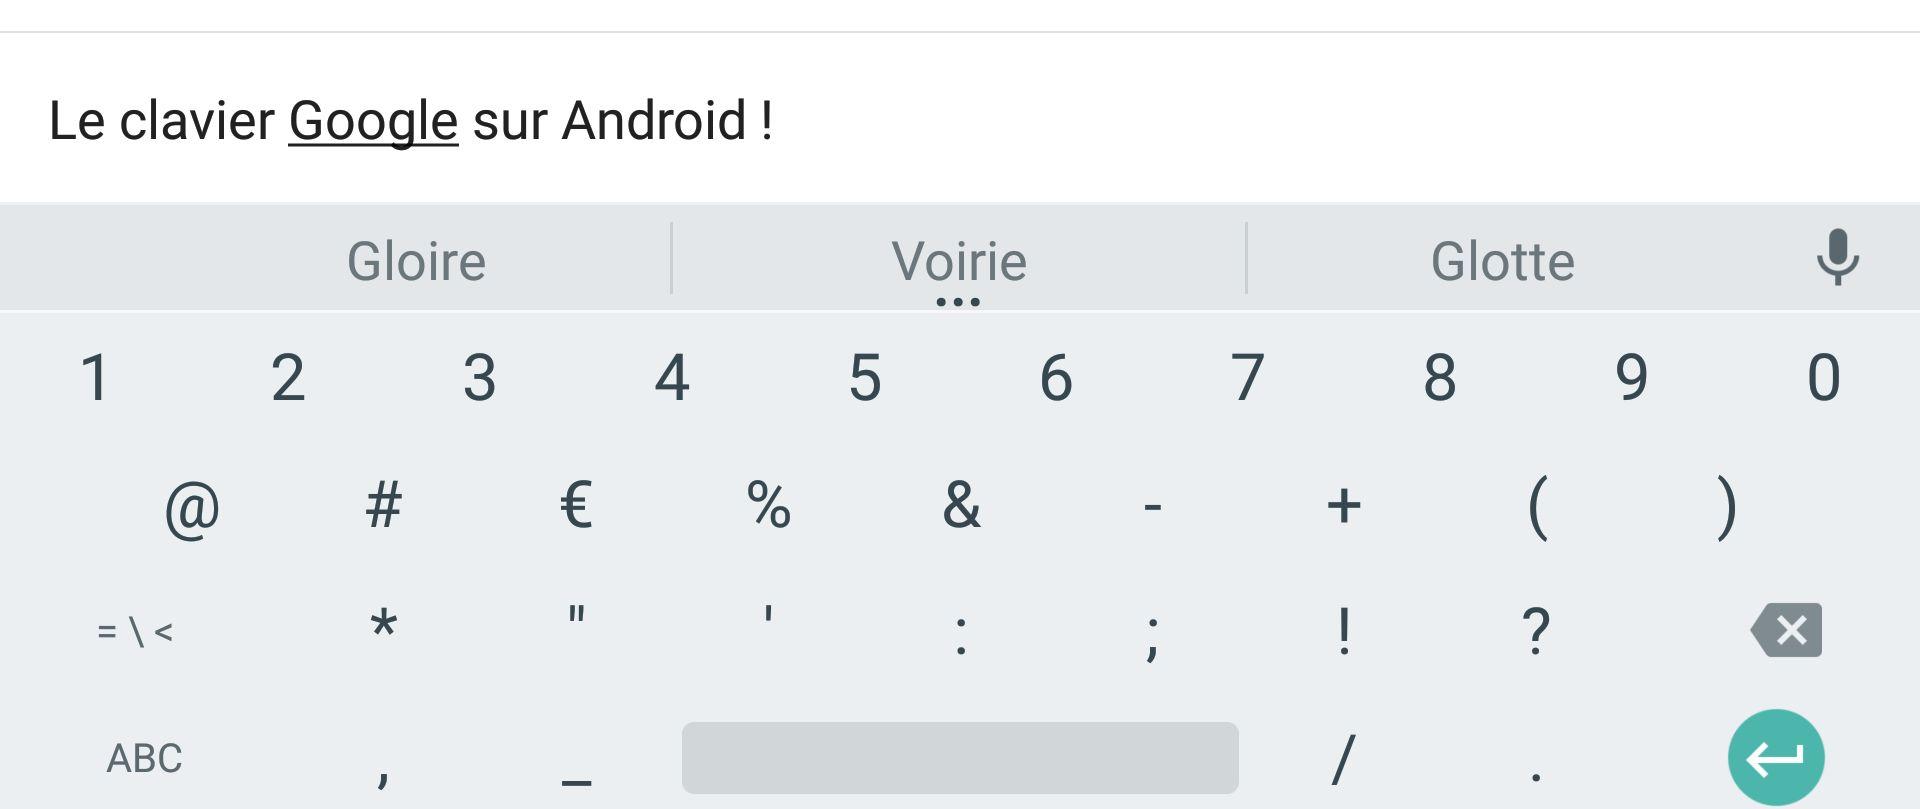 Google préparerait un clavier pour l'iPhone avec un moteur de recherche intégré